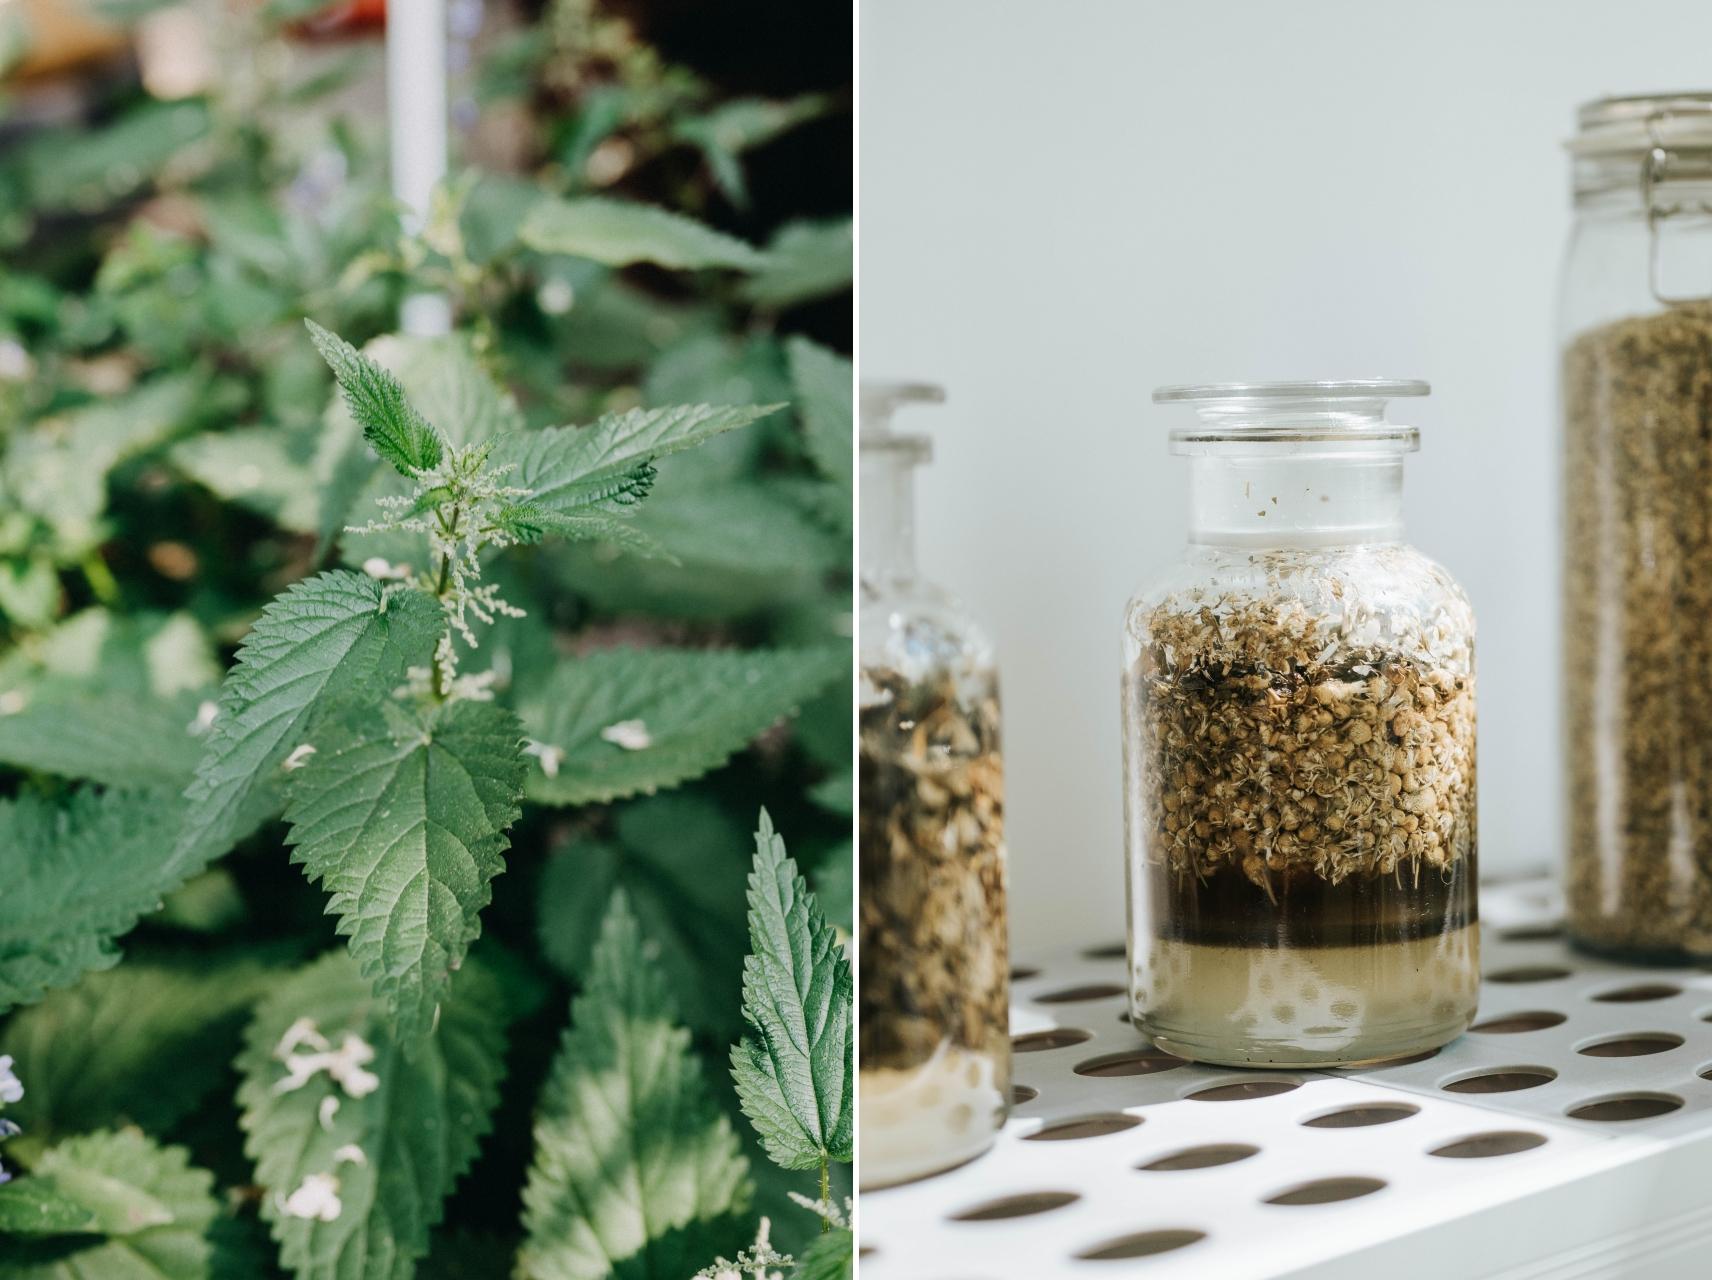 Eine Brennnessel-Pflanze und ein Einwegglas mit Wildkräutern